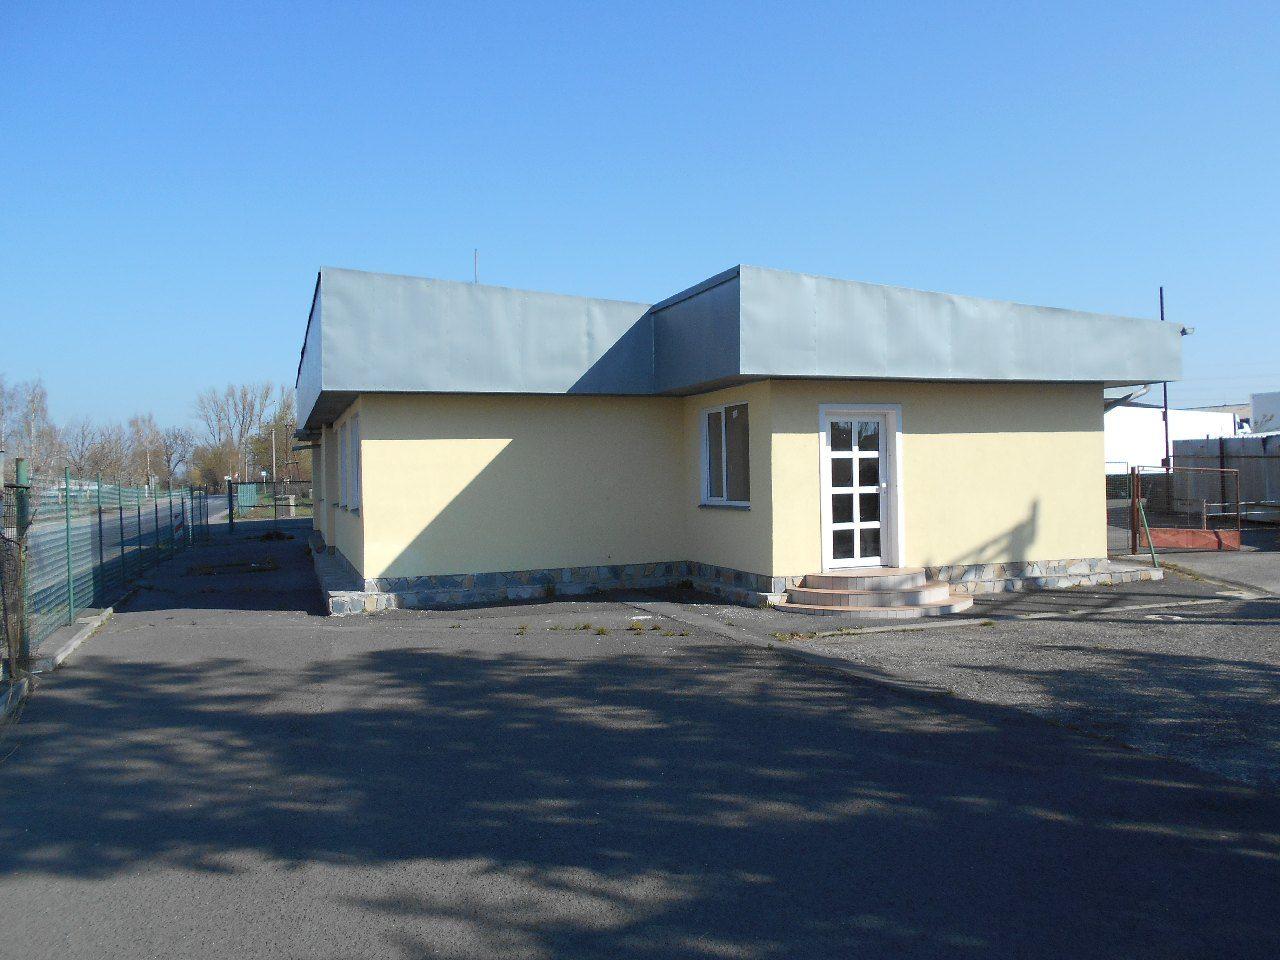 Prodej ubytovny v okrajoé části Chebu - Hradiště